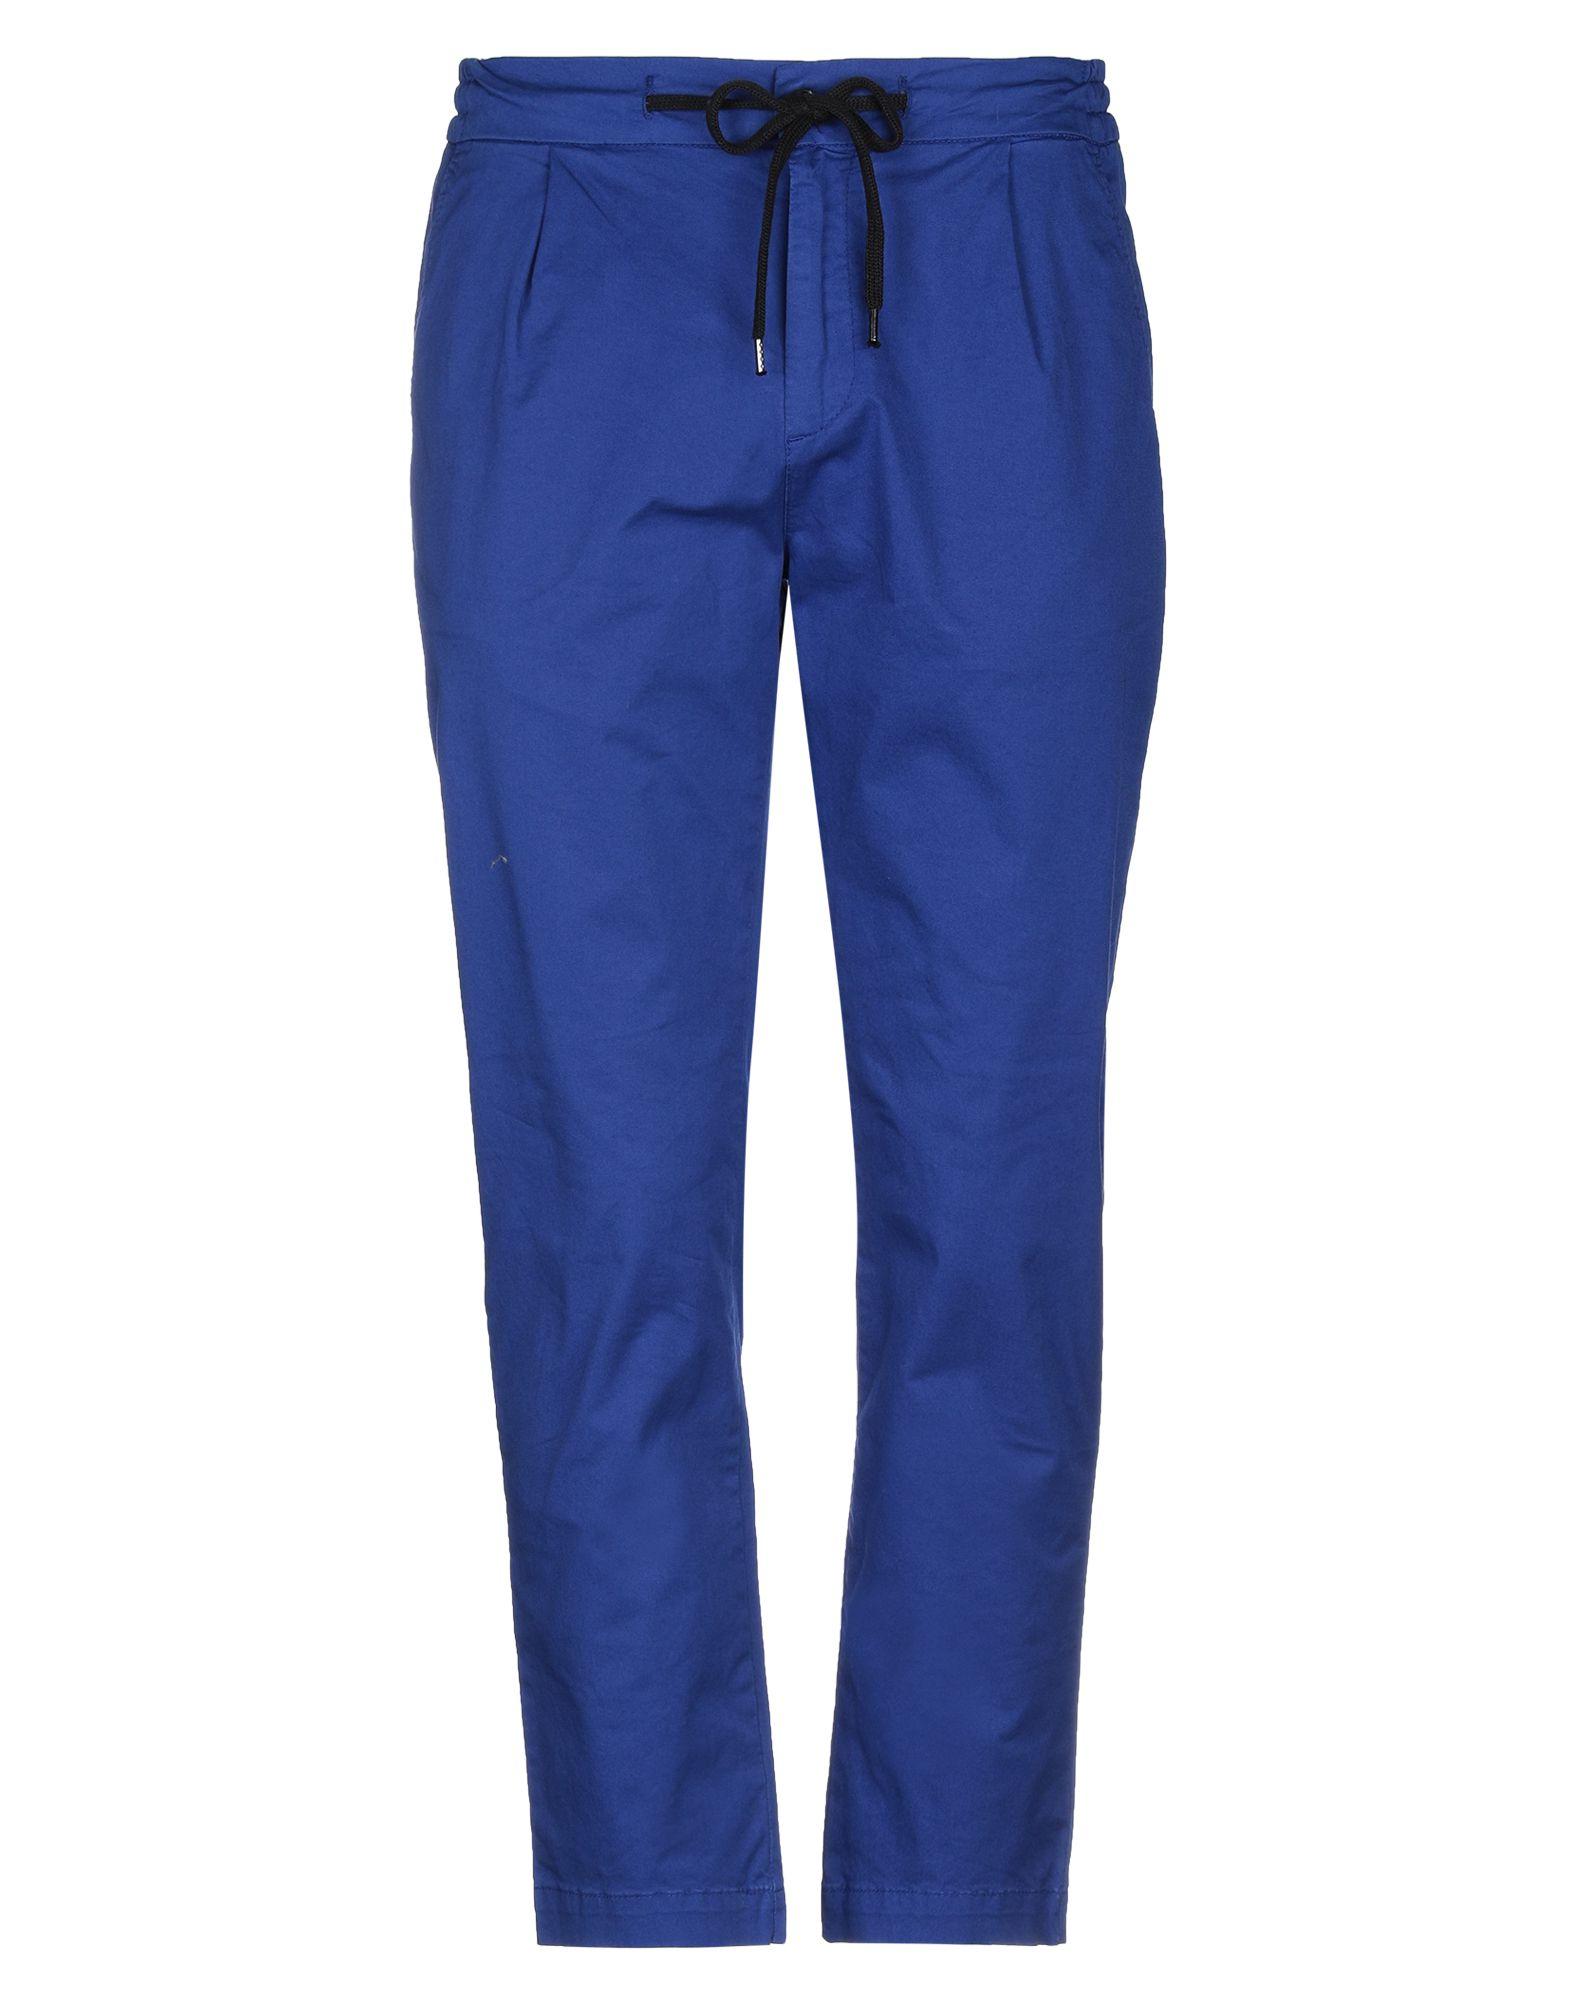 《セール開催中》AMISH メンズ パンツ ブライトブルー S コットン 97% / ポリウレタン 3%